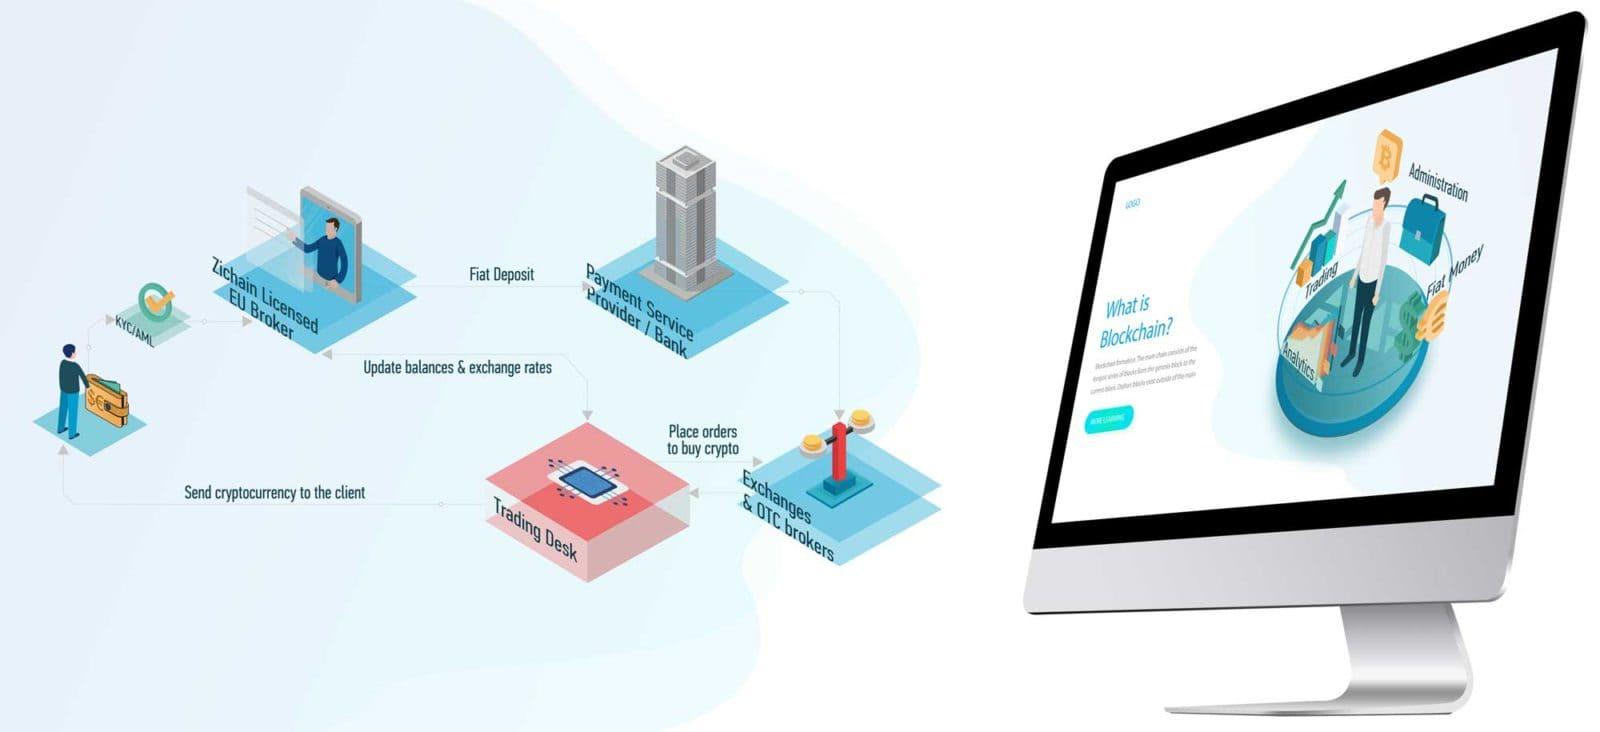 Презентация изометрической инфографики для сайта